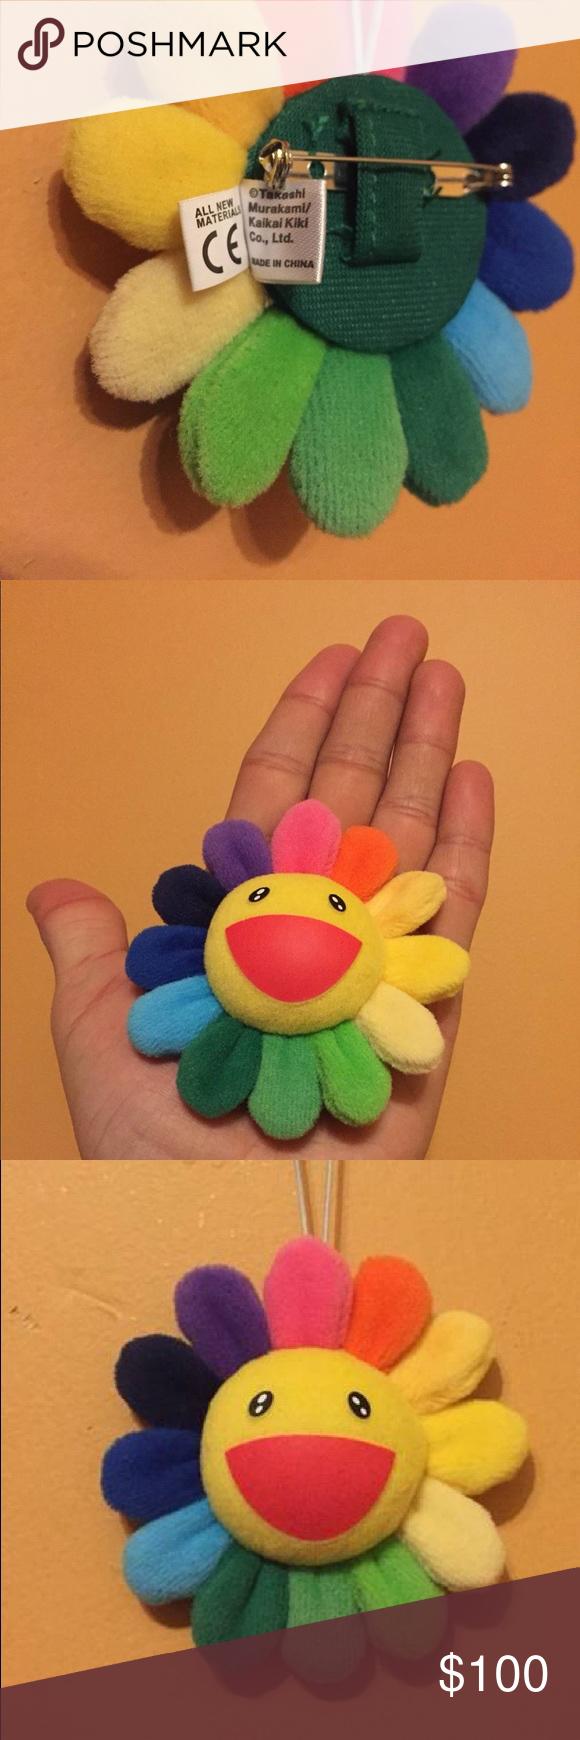 Authentic Murakami rainbow flower plush pin 100 percent